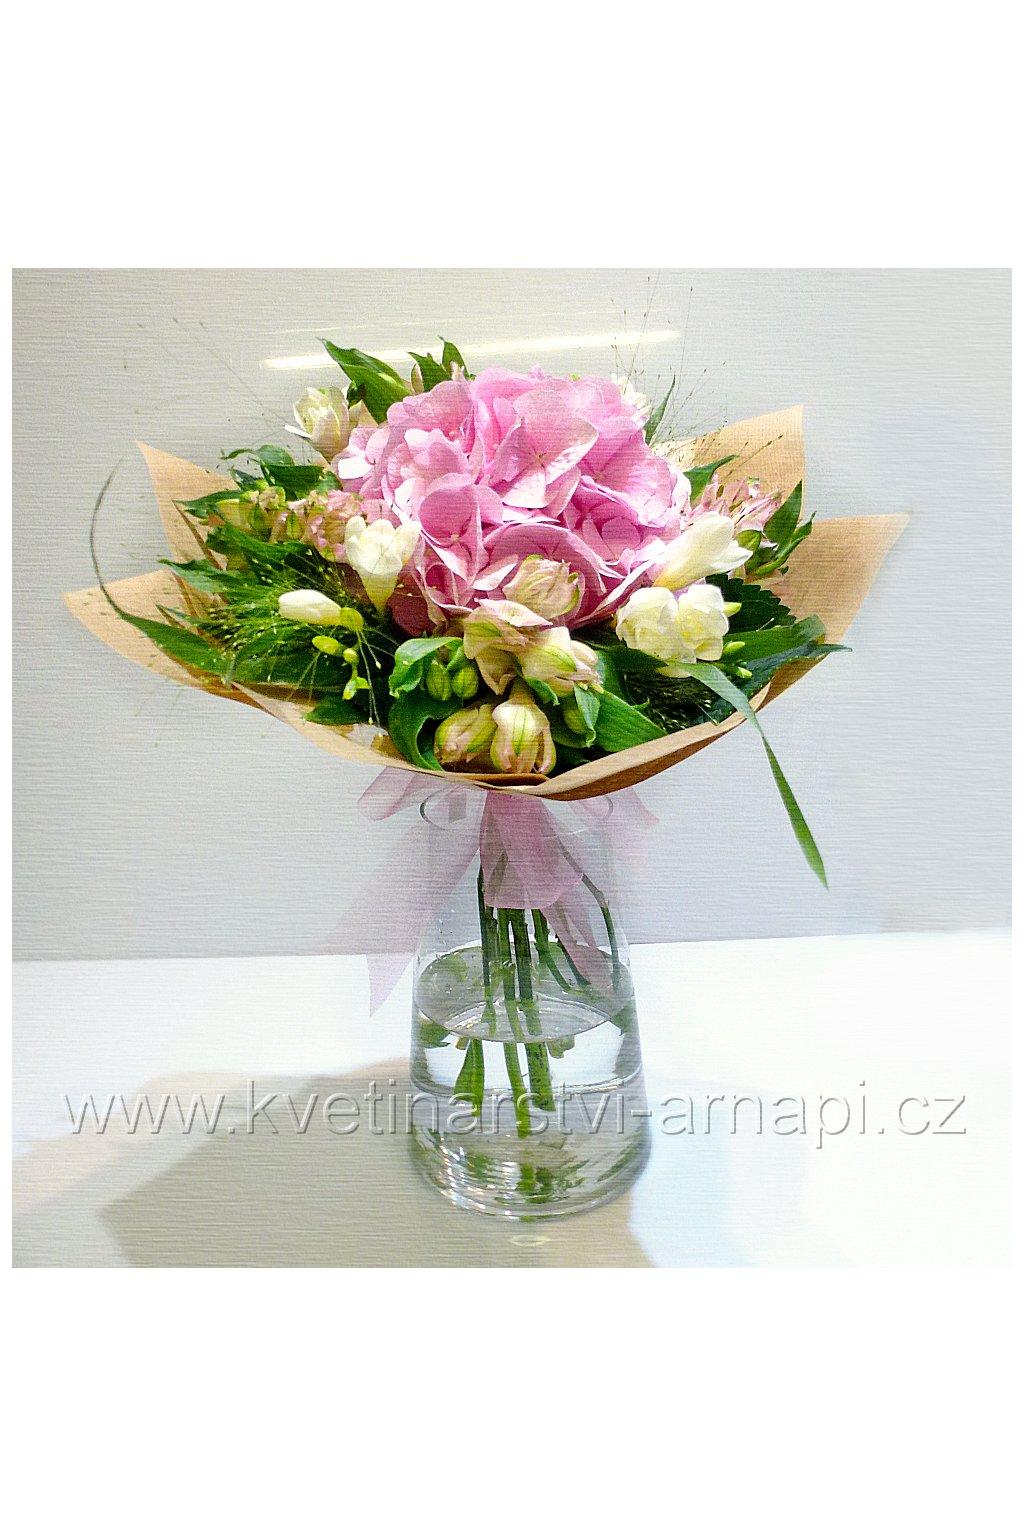 kytice darkova hortenzie eshop kvetinarstvi arnapi